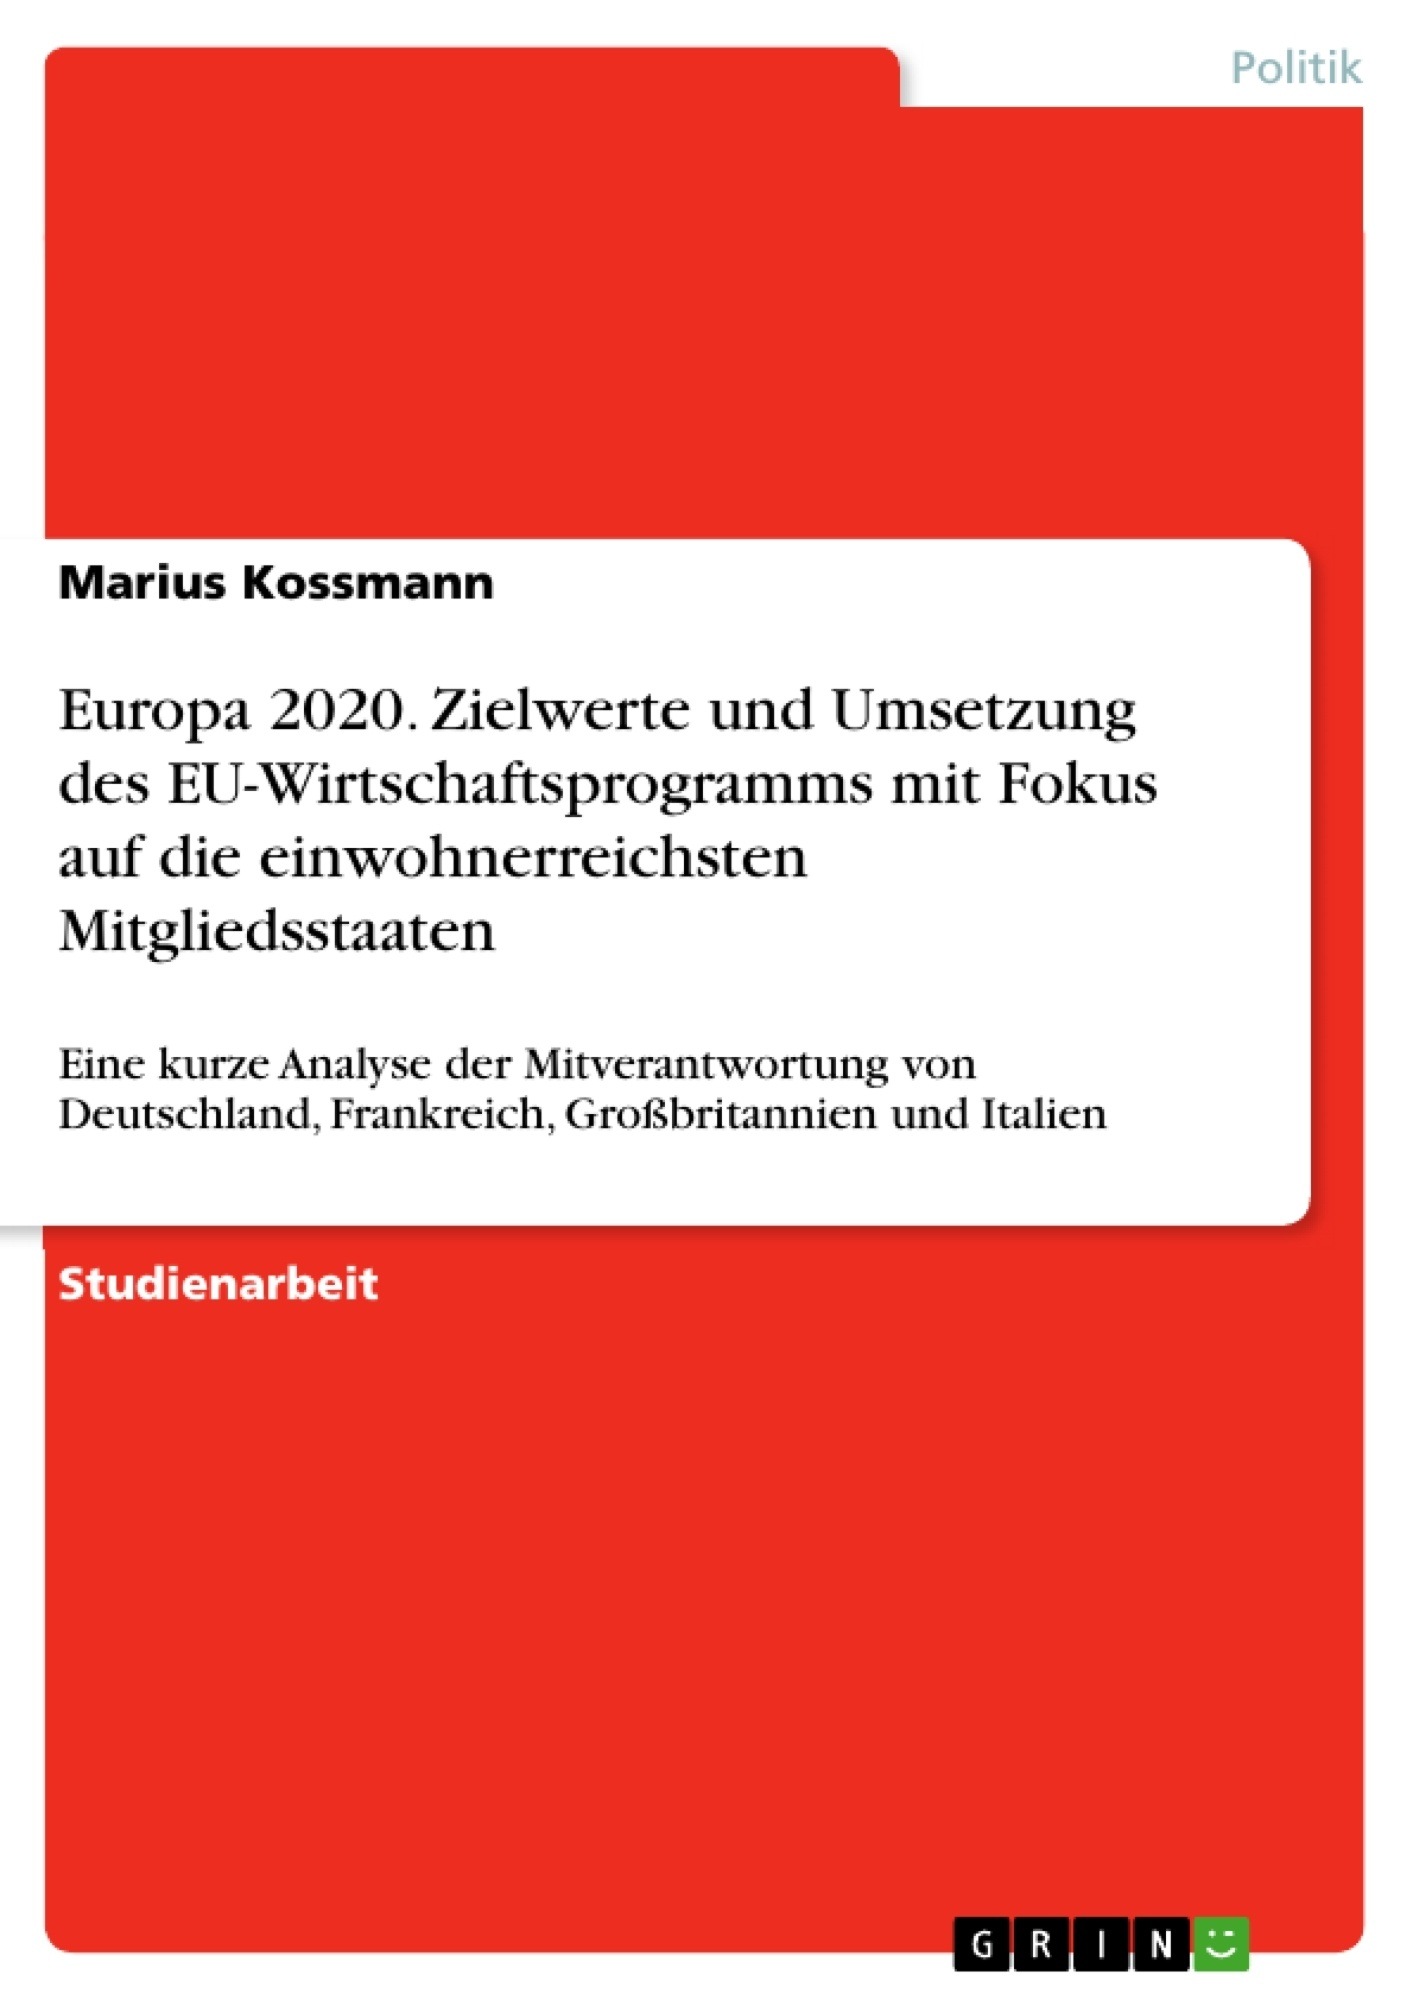 Titel: Europa 2020. Zielwerte und Umsetzung des EU-Wirtschaftsprogramms mit Fokus auf die einwohnerreichsten Mitgliedsstaaten